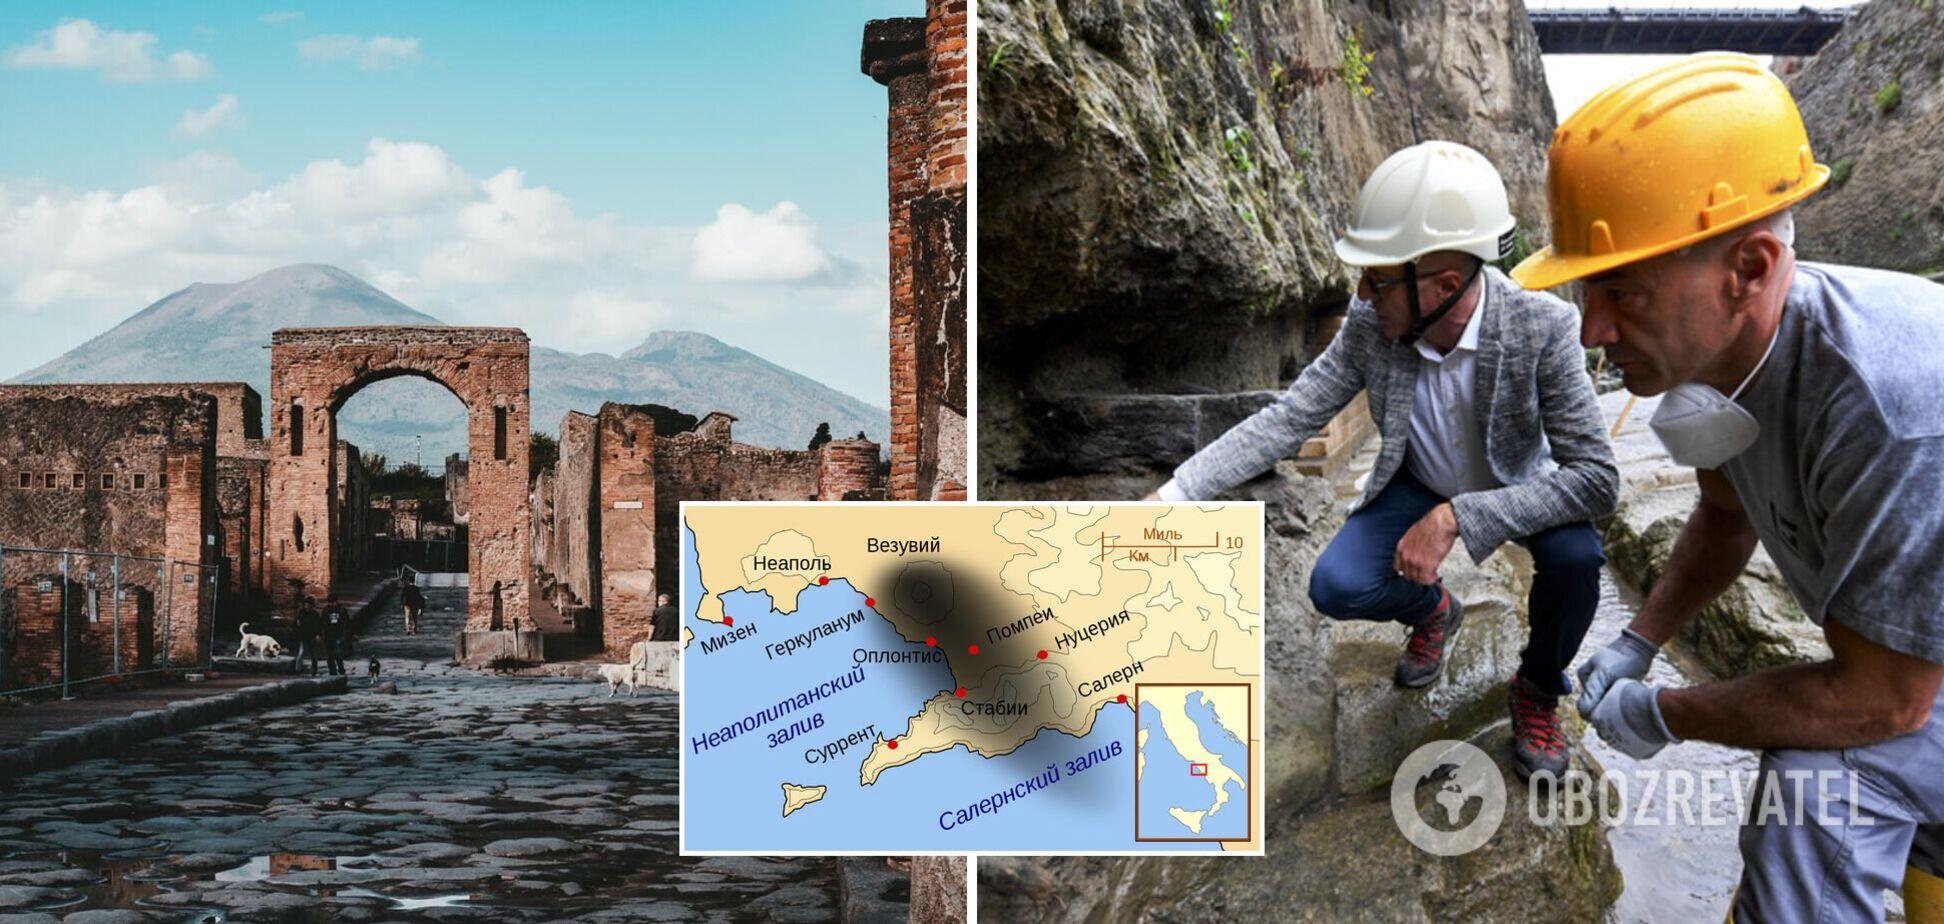 Археологи знайшли останки чоловіка, який утікав від виверження Везувію: загинув за крок від води. Фото